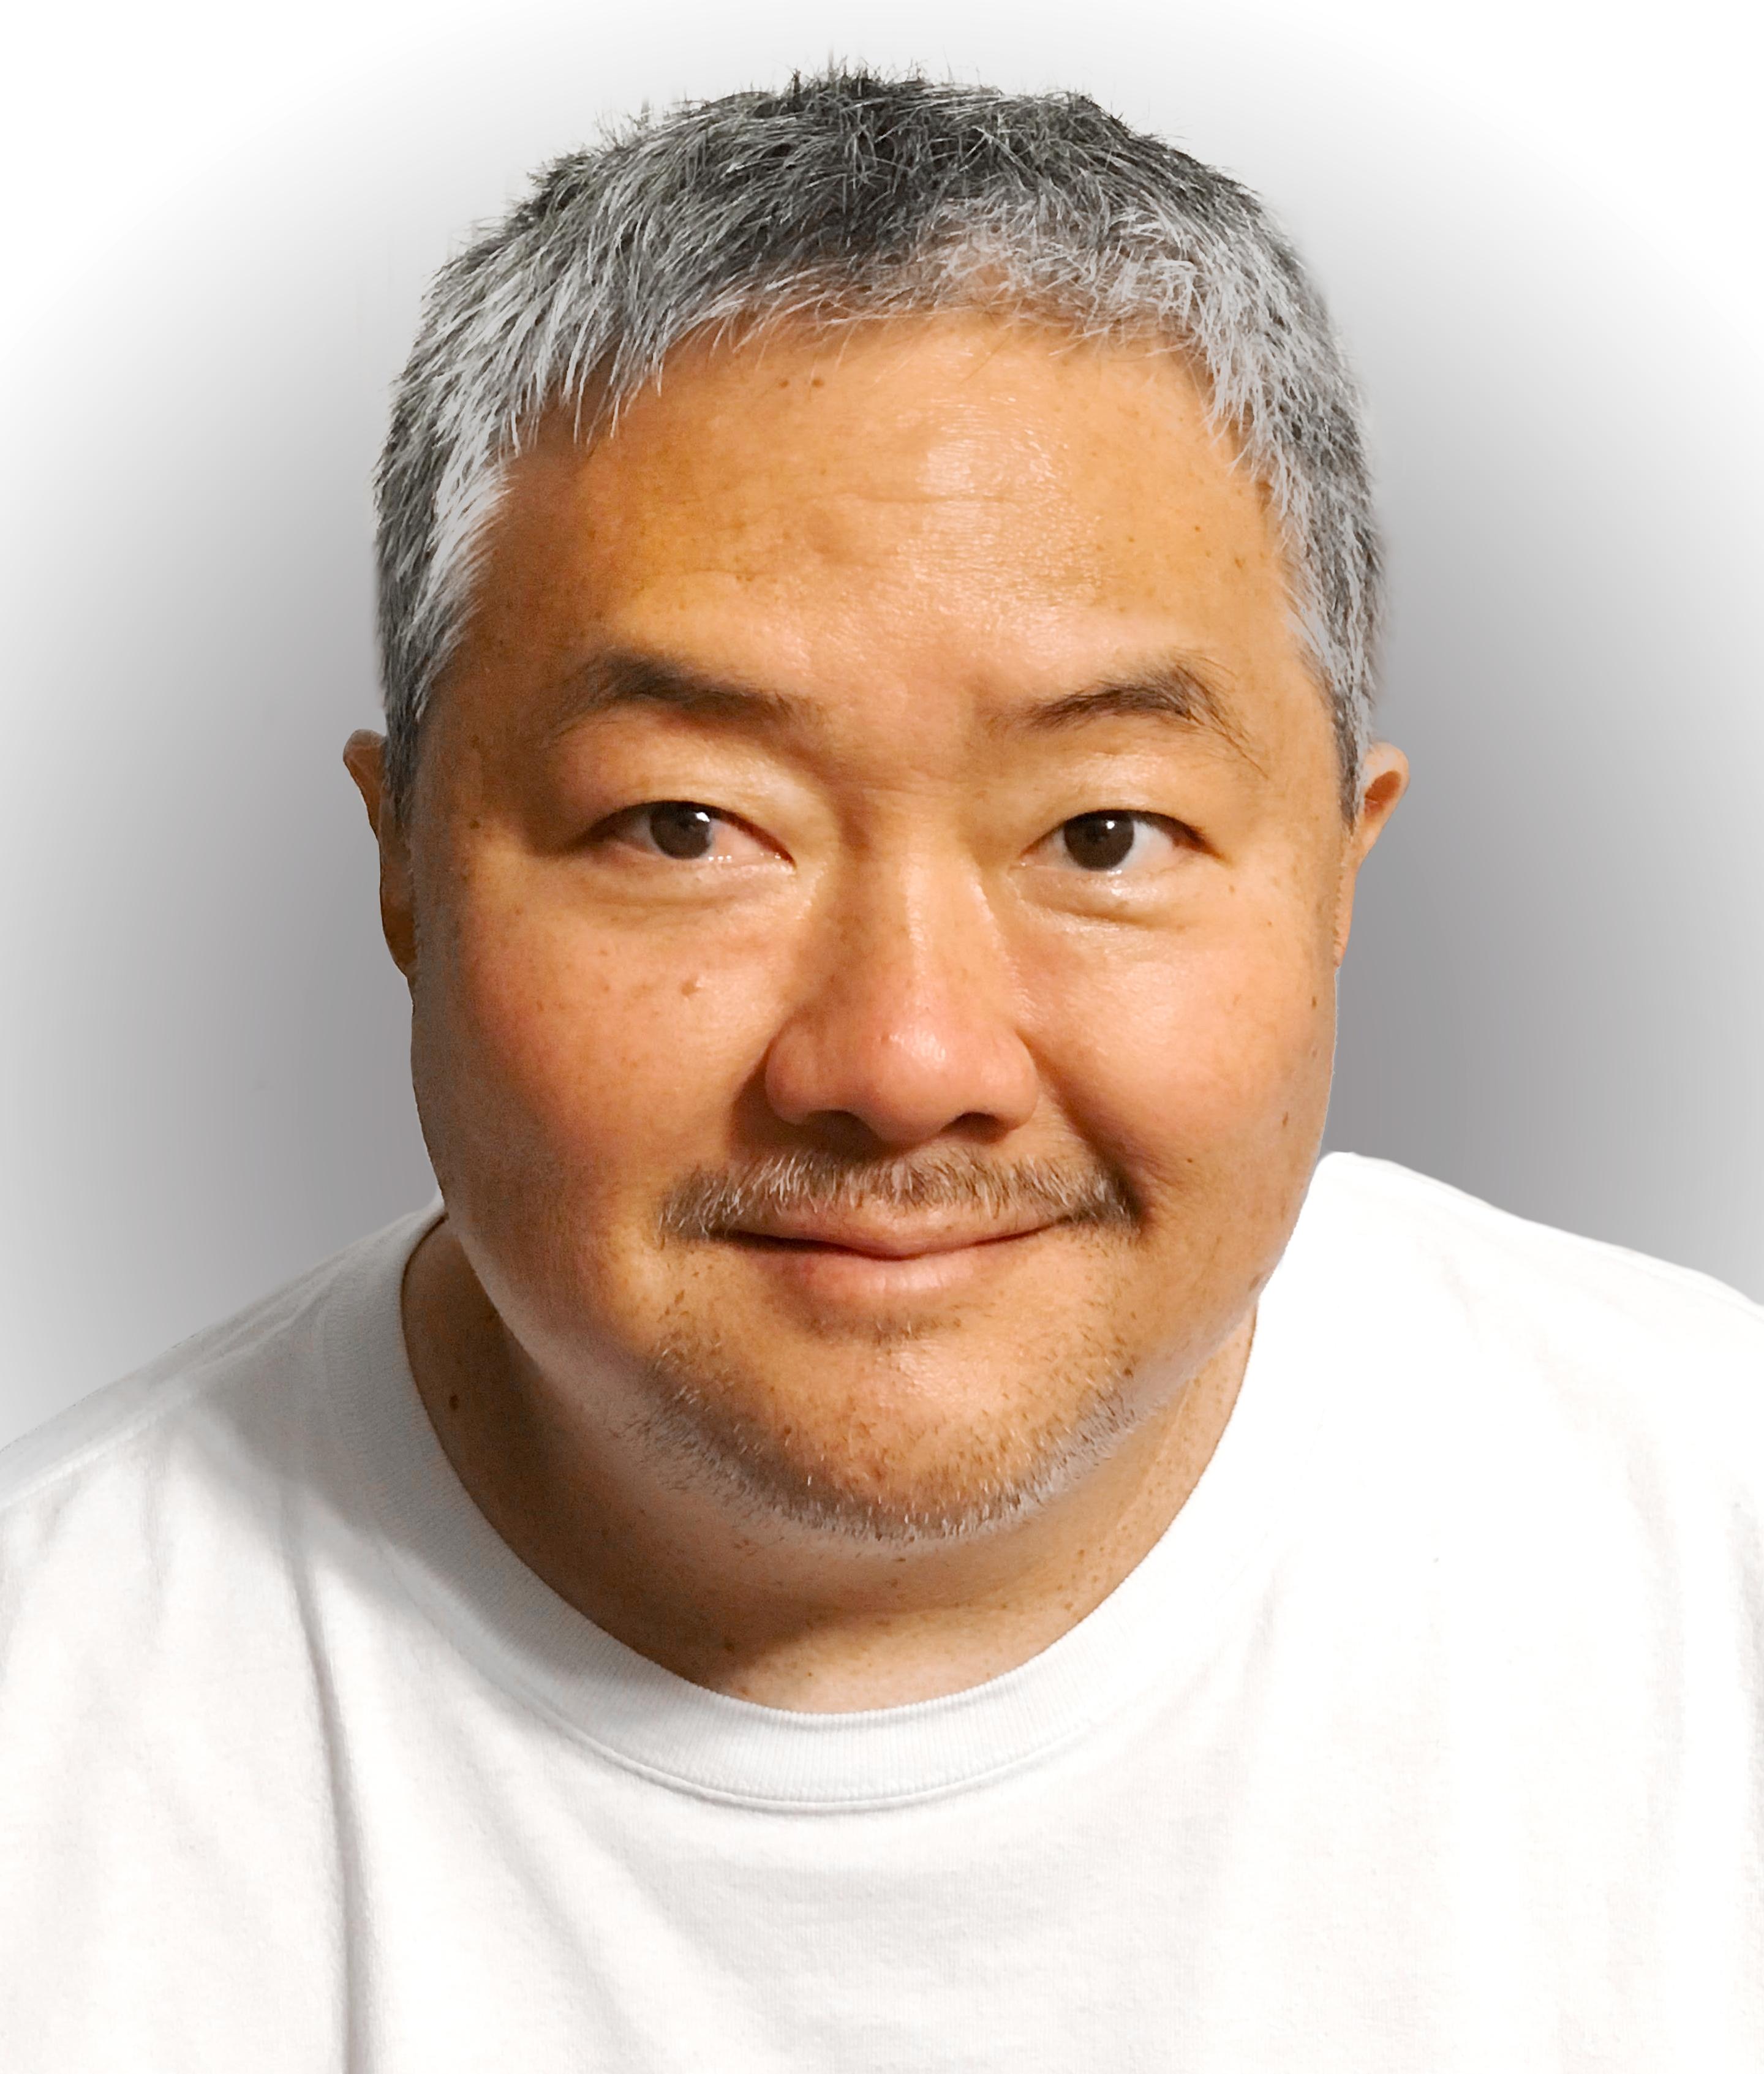 REID MASAO SHIMABUKU